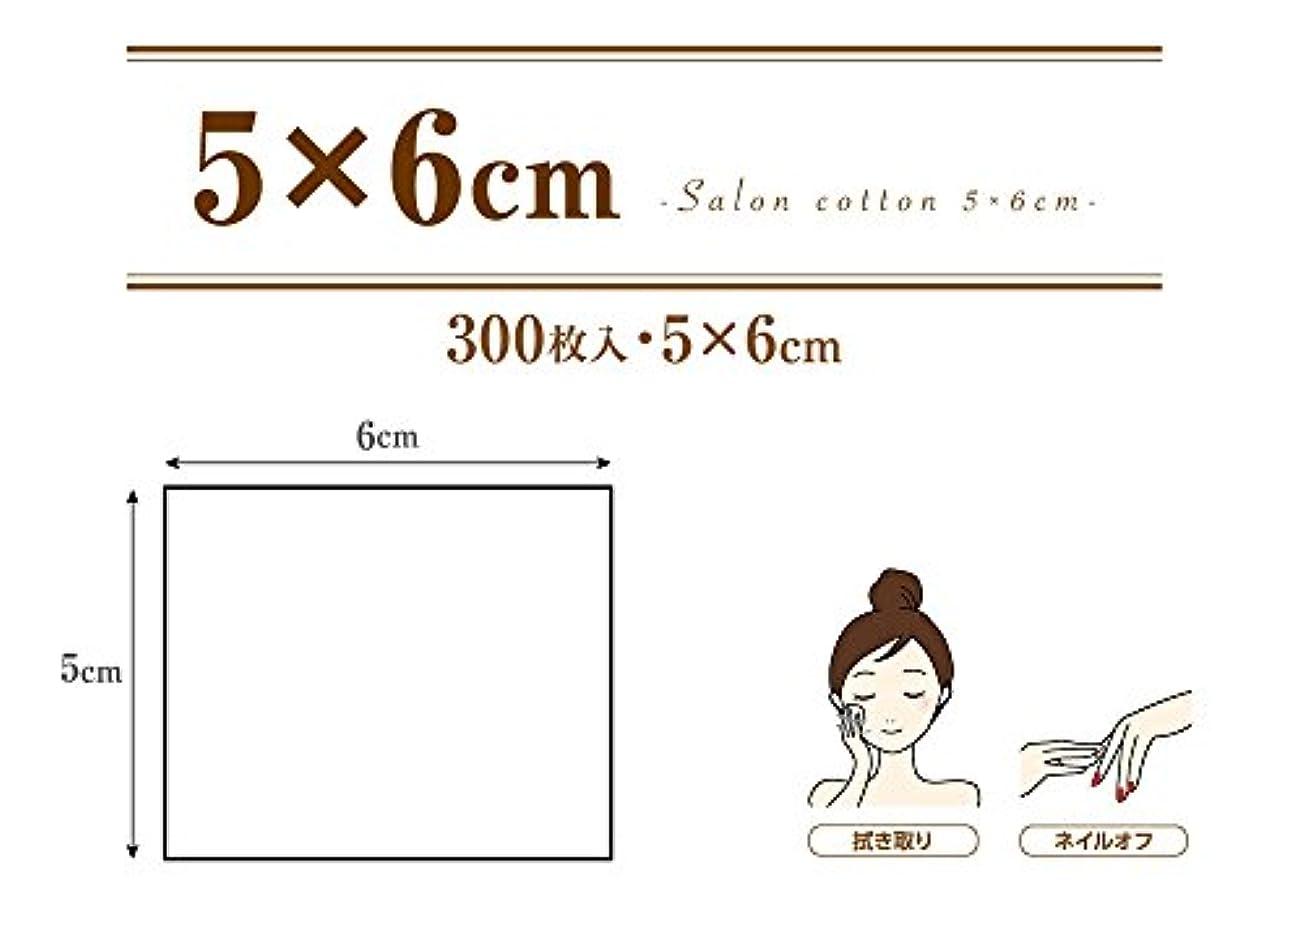 カニ外国人不適業務用 コットンパフ (5×6cm 300枚入 箱入り) サロンコットン 5×6